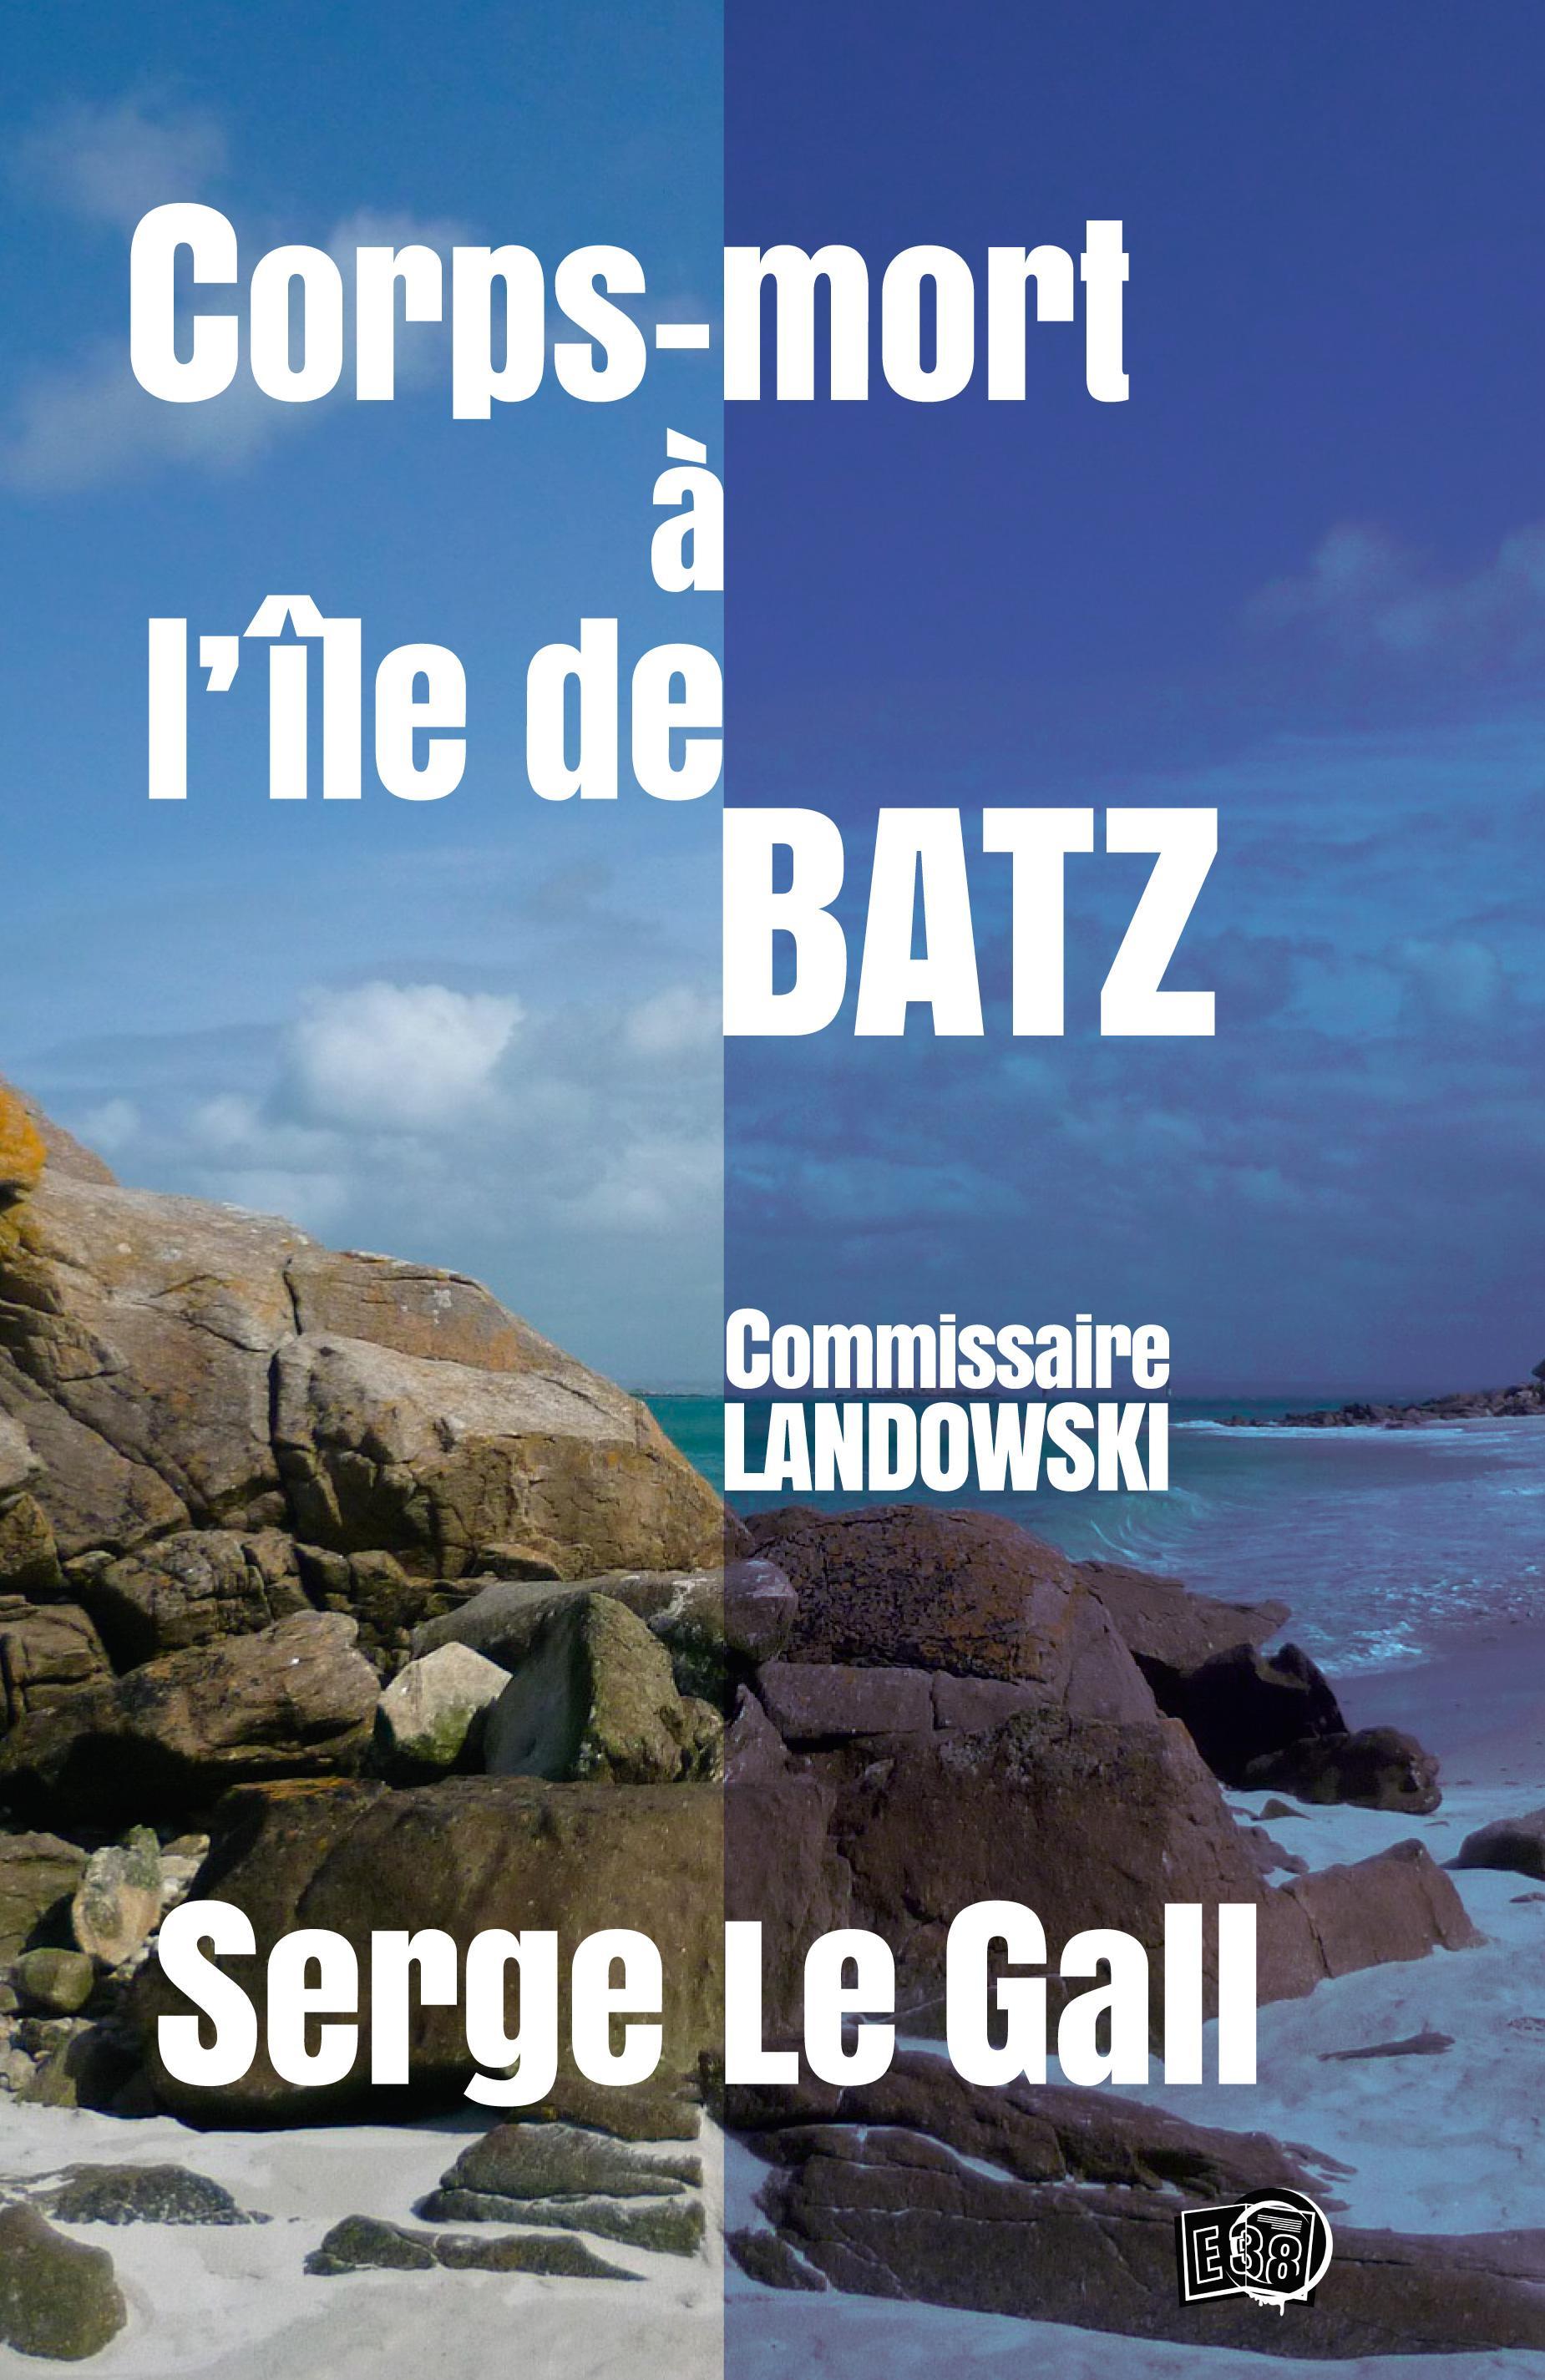 Corps-mort à l'île de Batz, COMMISSAIRE LANDOWSKI